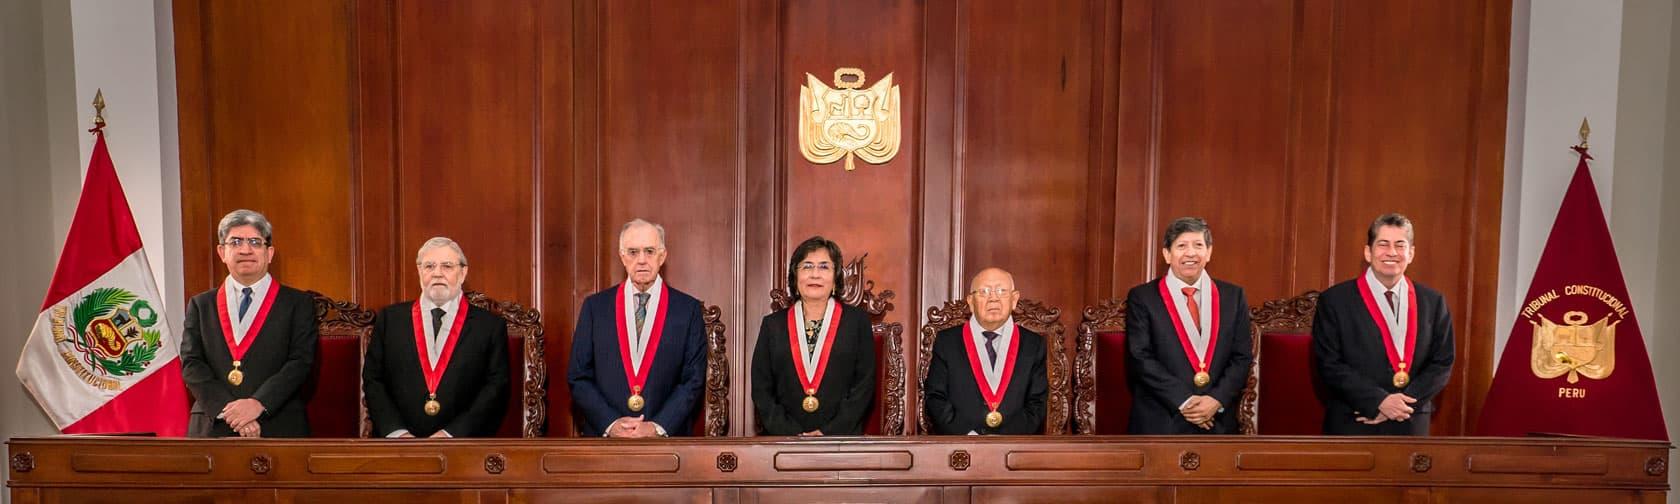 Pronunciamiento: Al momento no están dadas las condiciones para la elección de los nuevos magistrados del TC